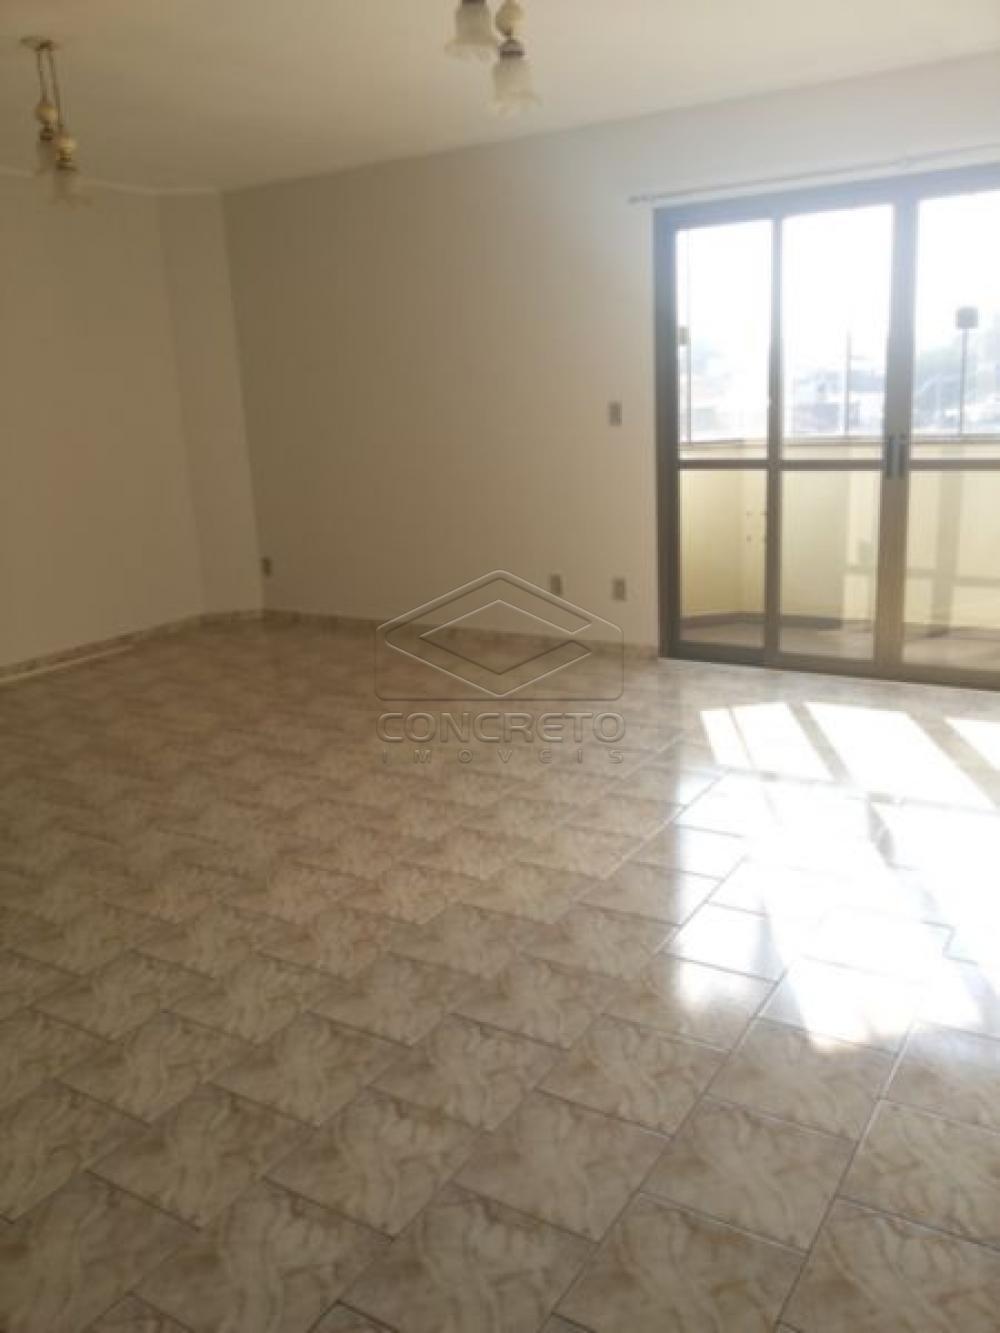 Alugar Apartamento / Padrão em Botucatu R$ 1.170,00 - Foto 3